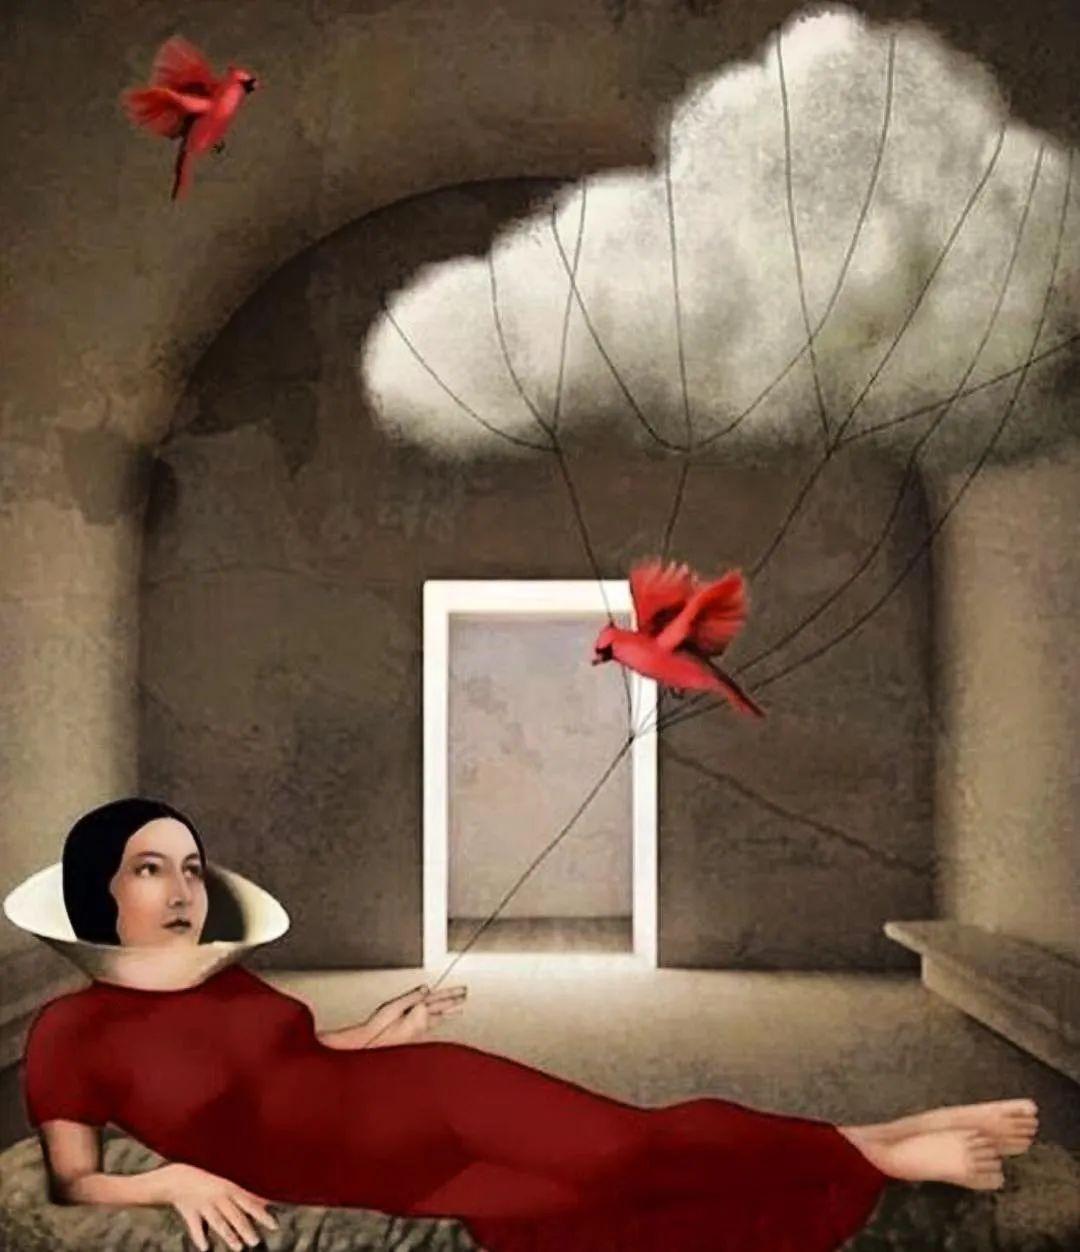 超现实的、空灵的女性形象插图81